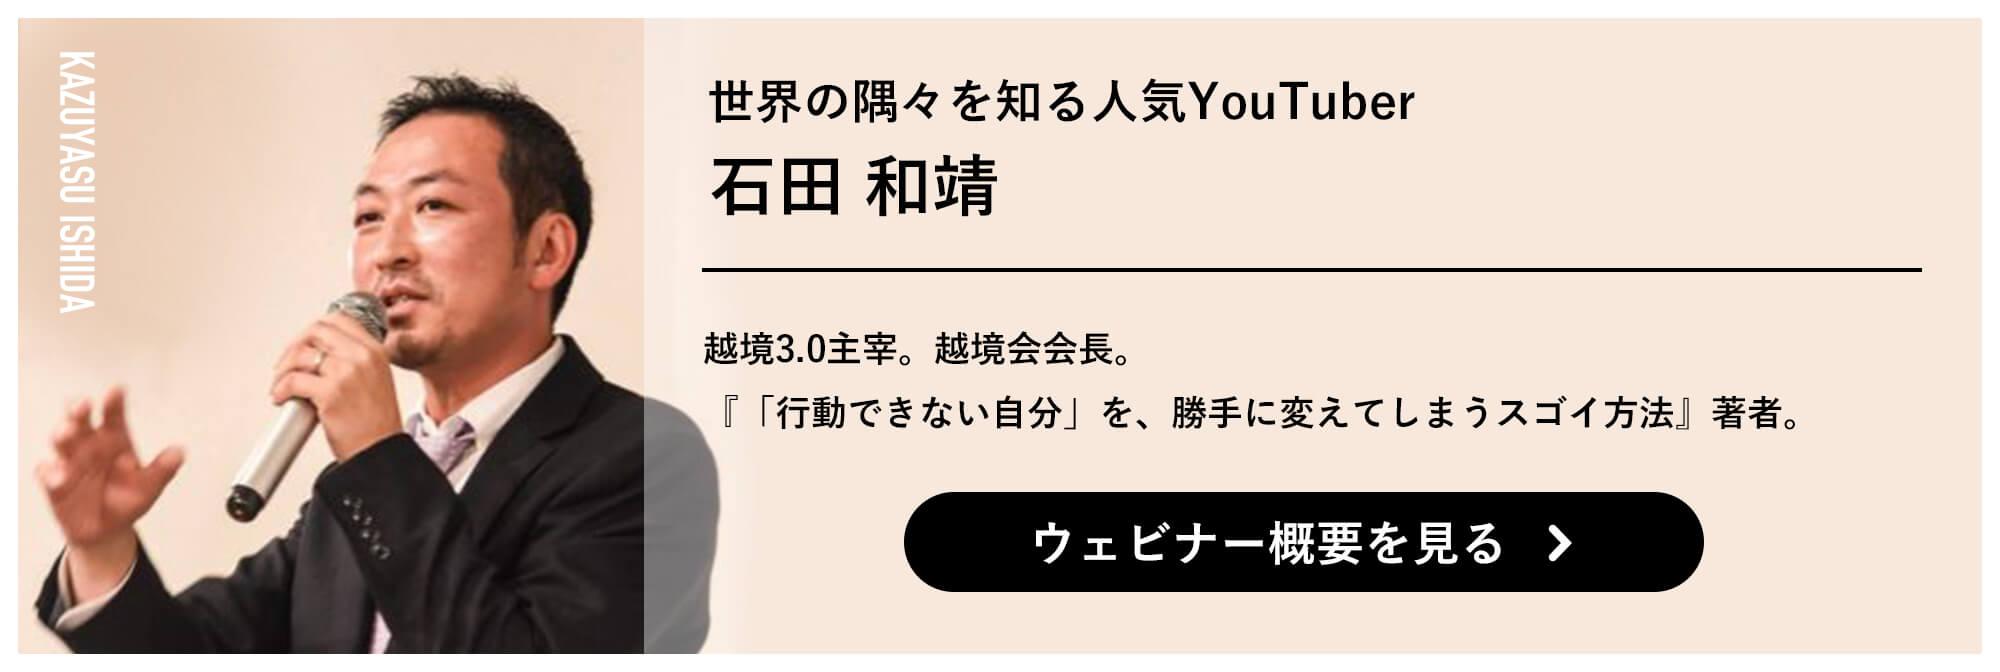 世界の隅々を知る人気YouTuber 石田和靖